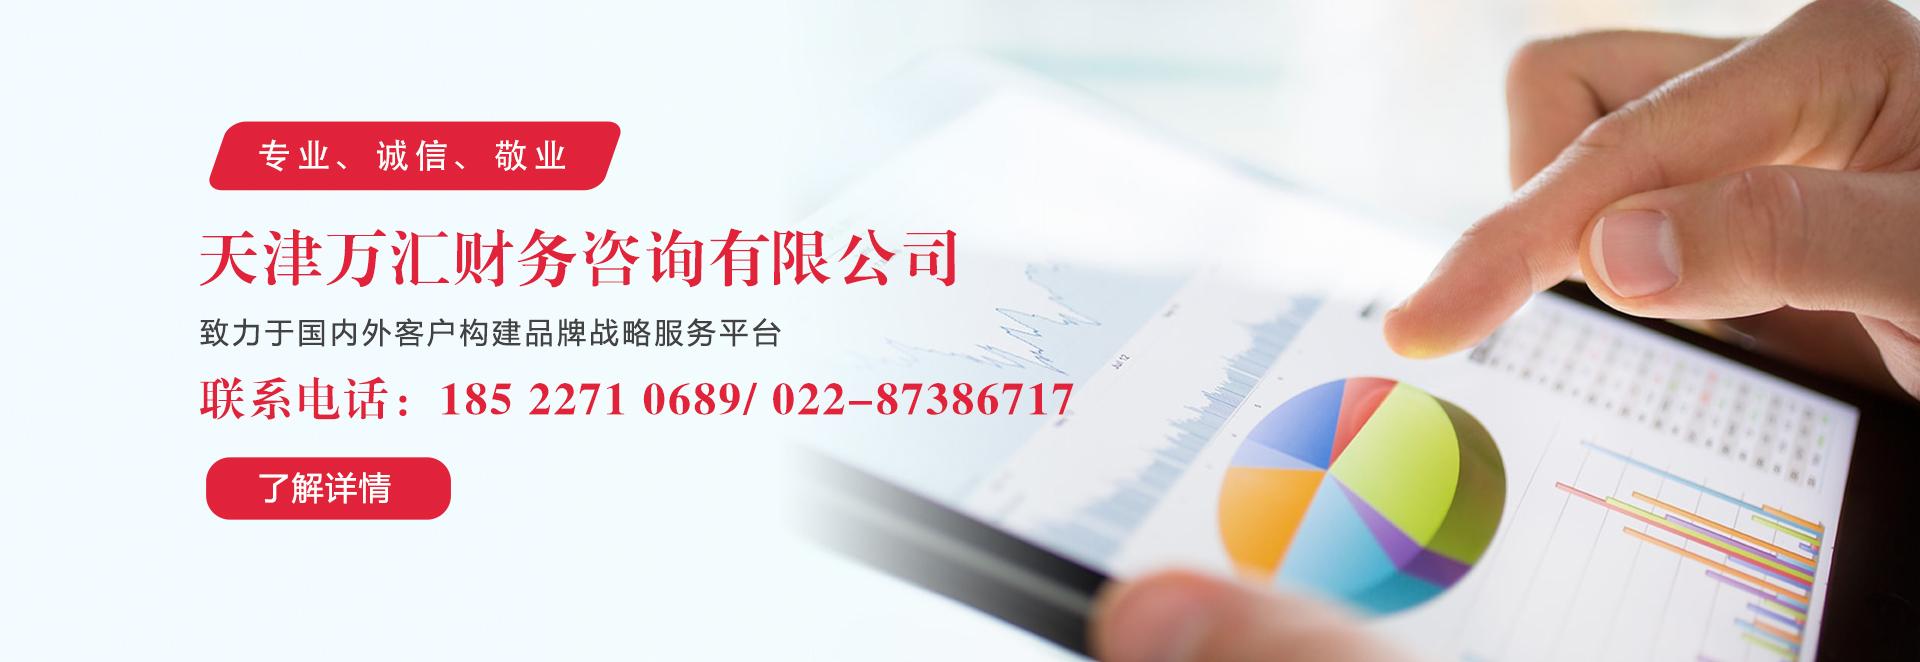 天津代理記賬公司,天津注冊公司,天津辦理執照